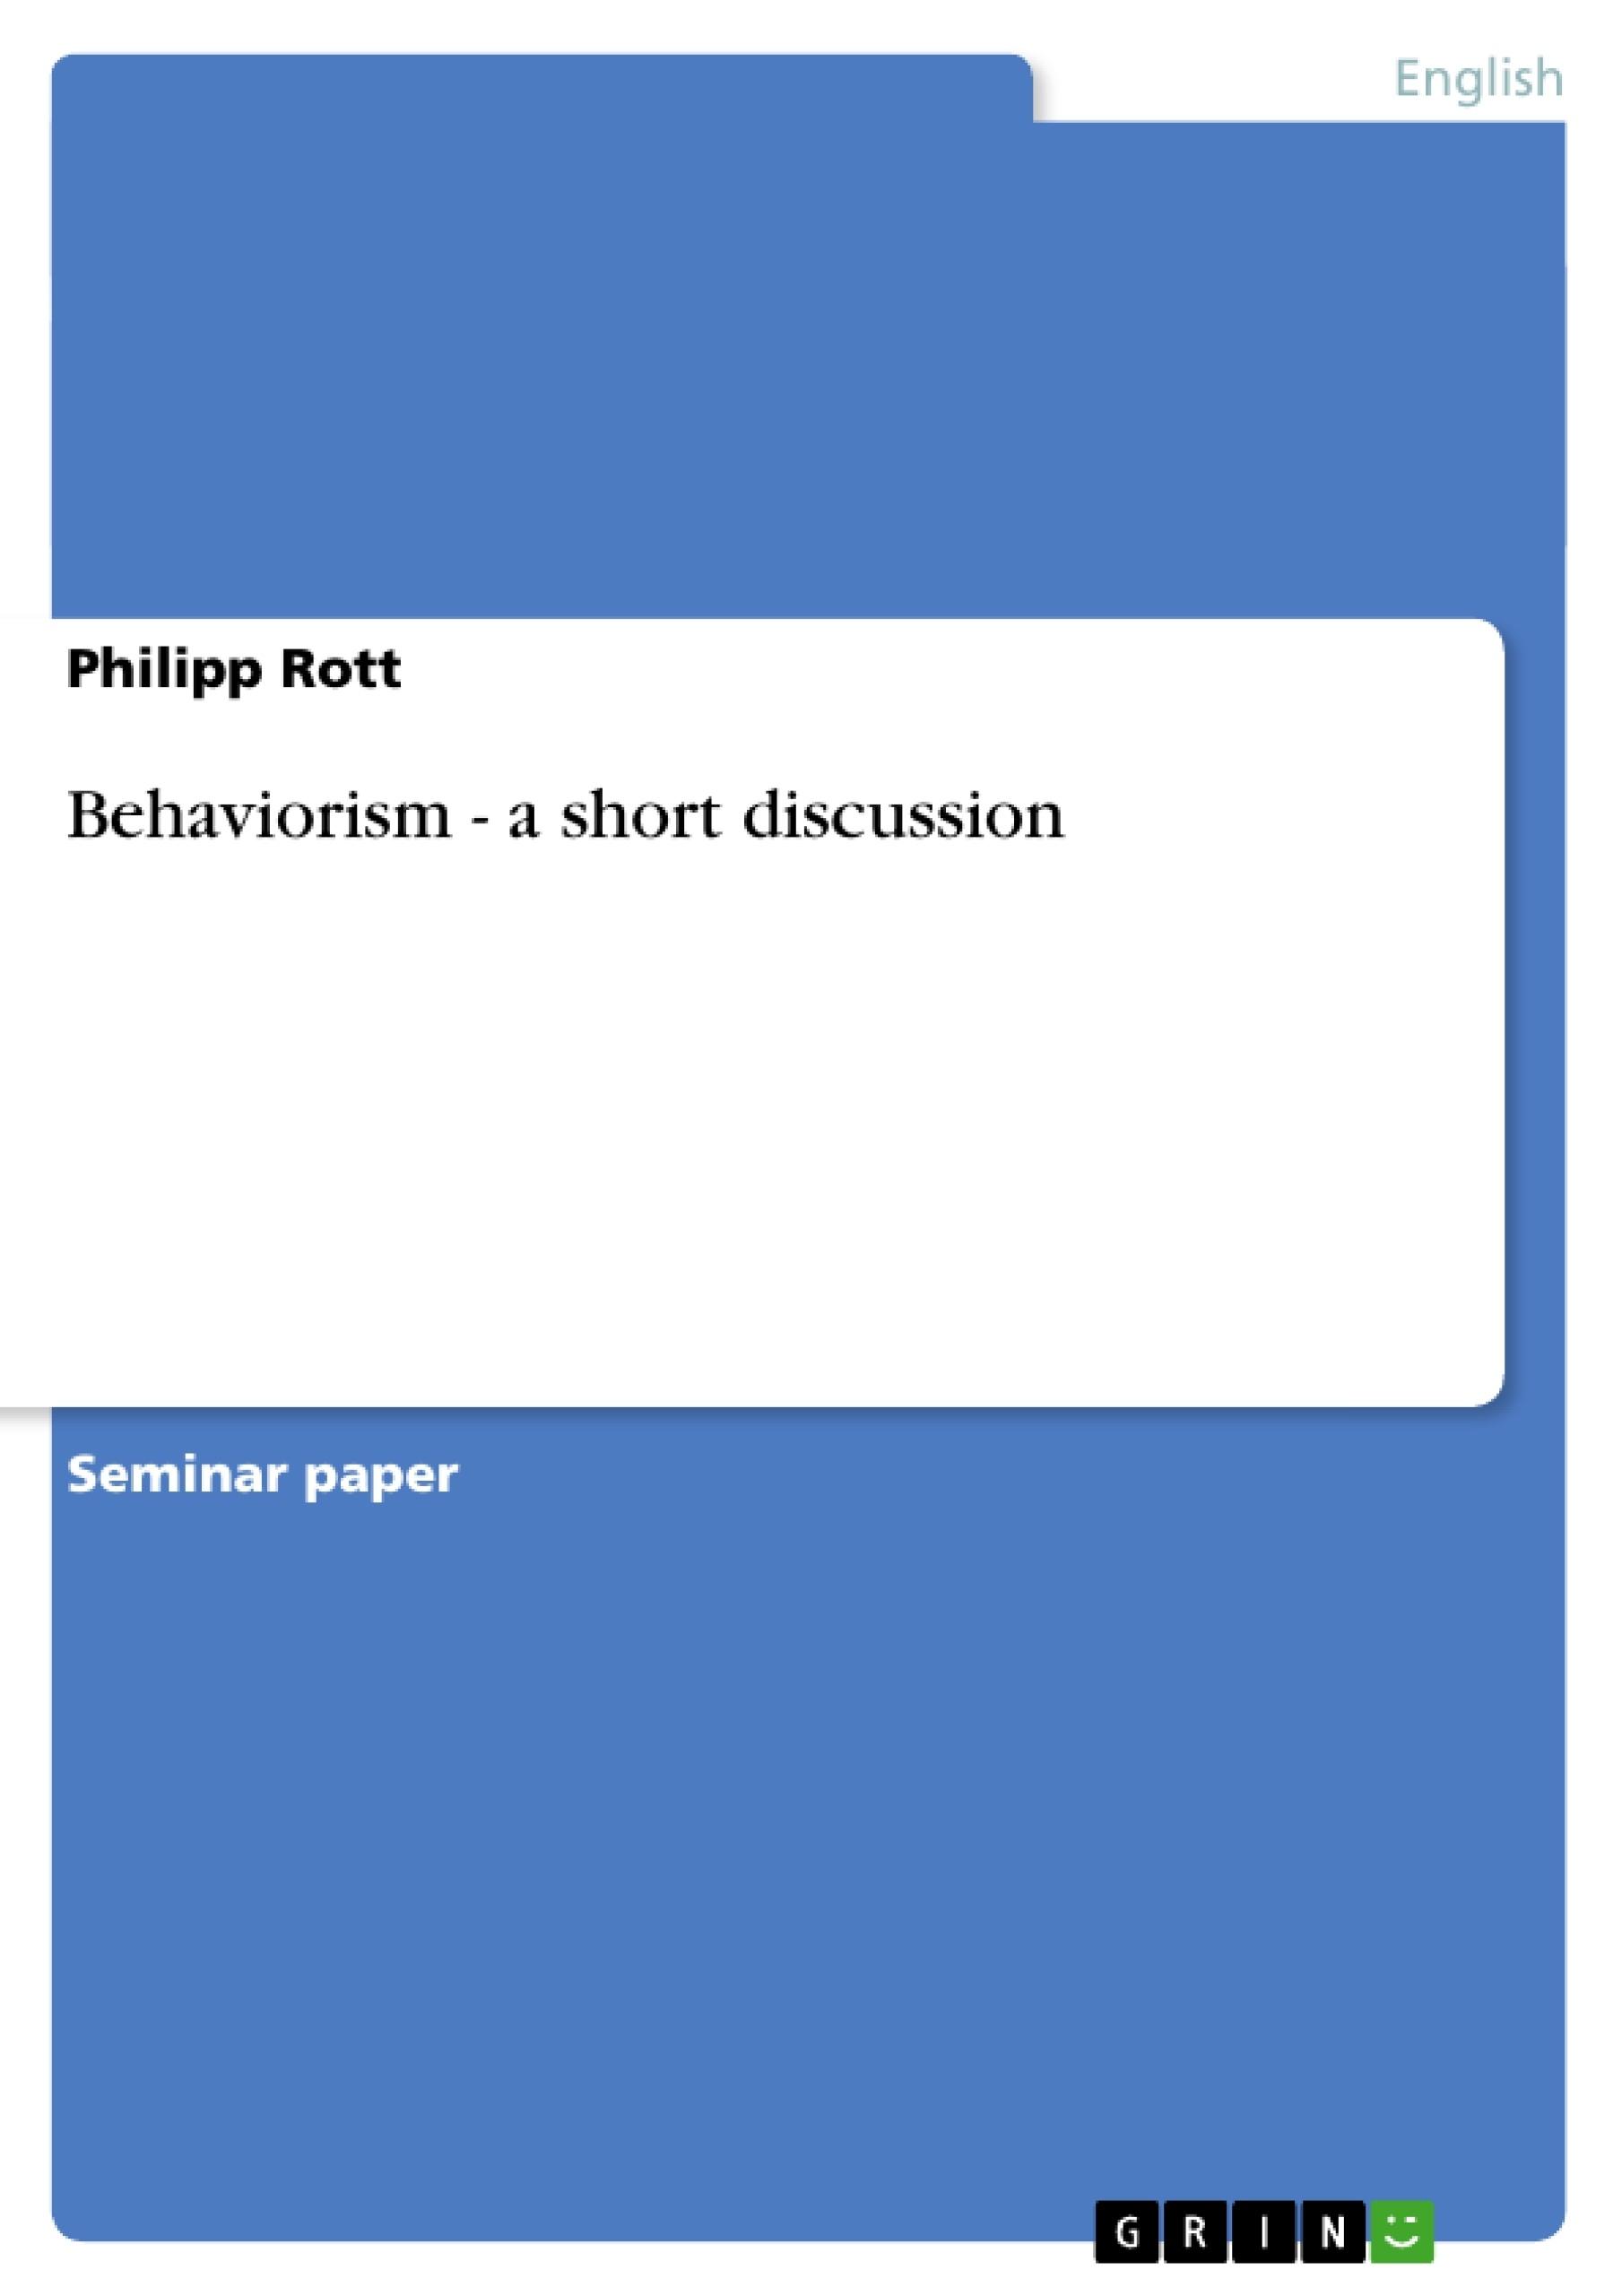 Title: Behaviorism - a short discussion